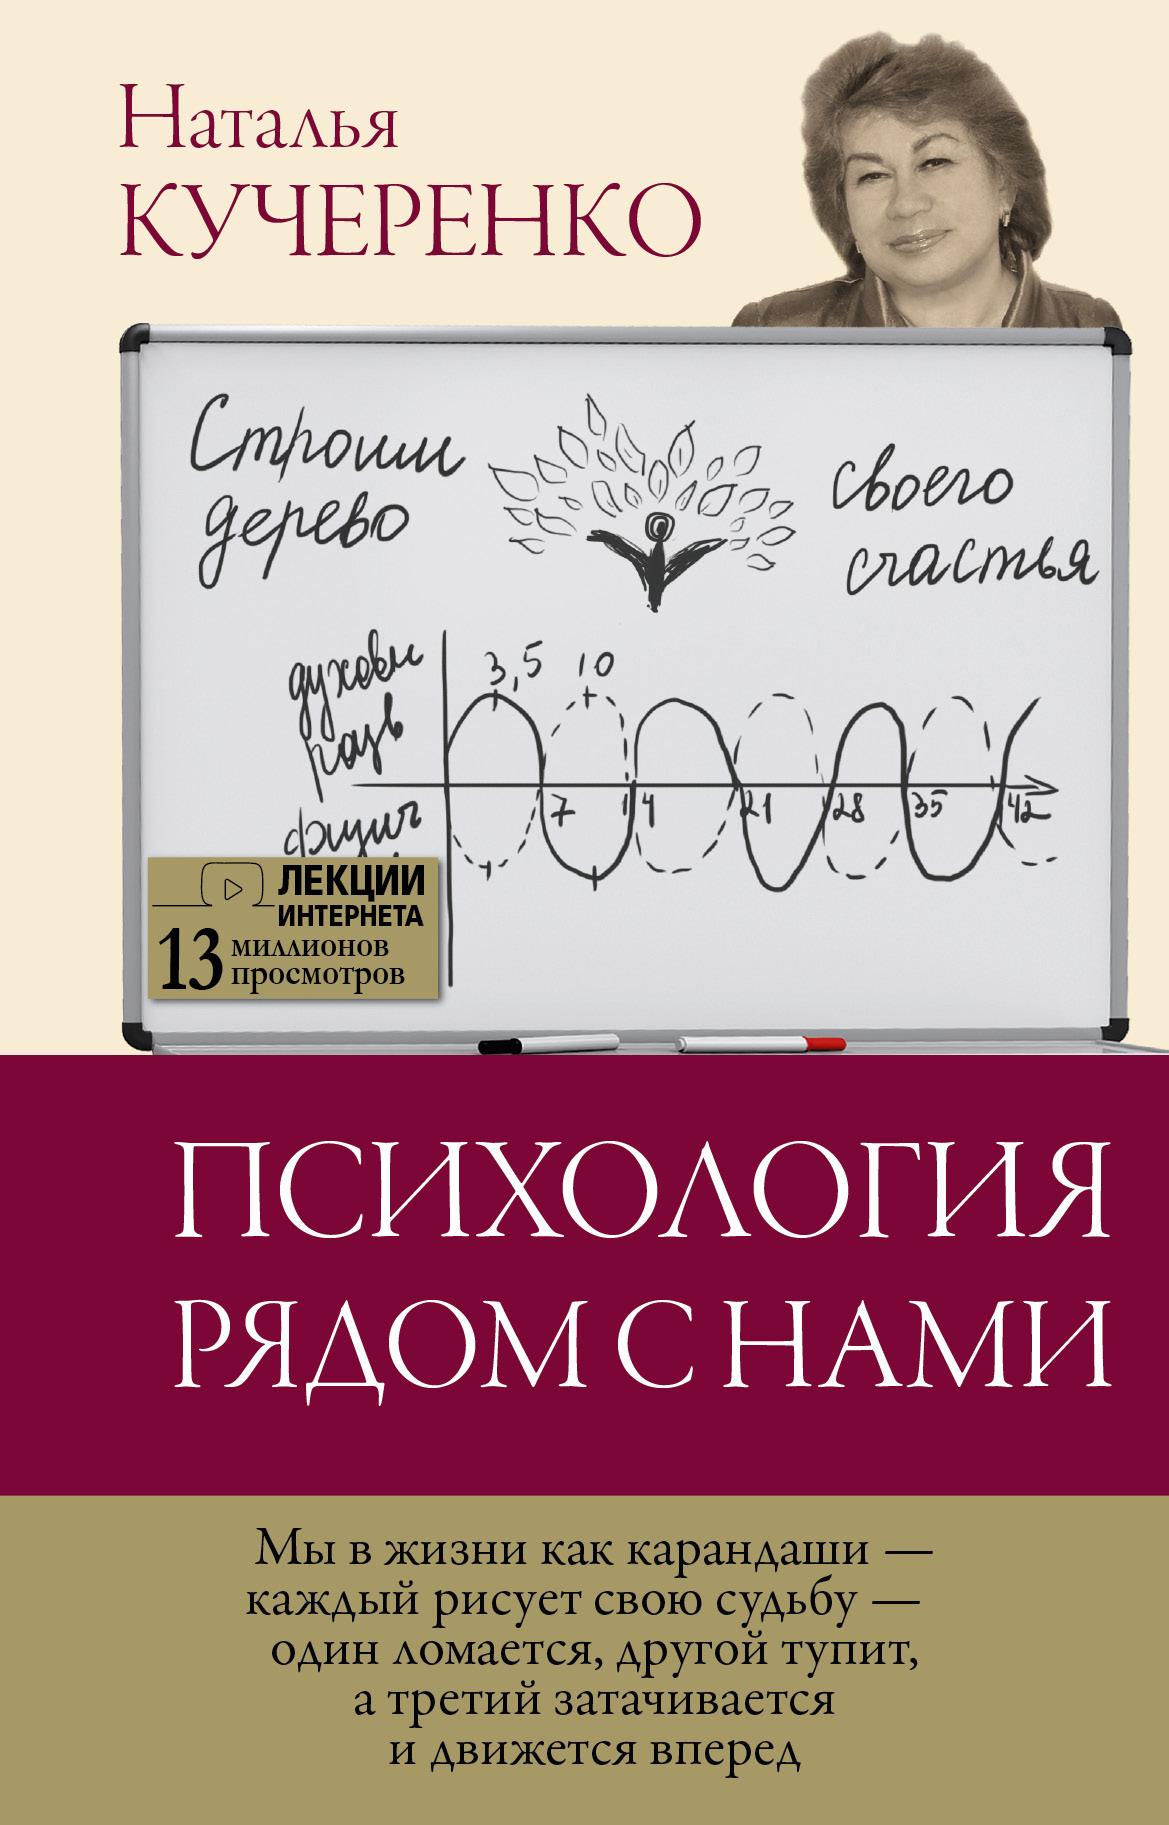 Наталья Кучеренко - Психология рядом с нами